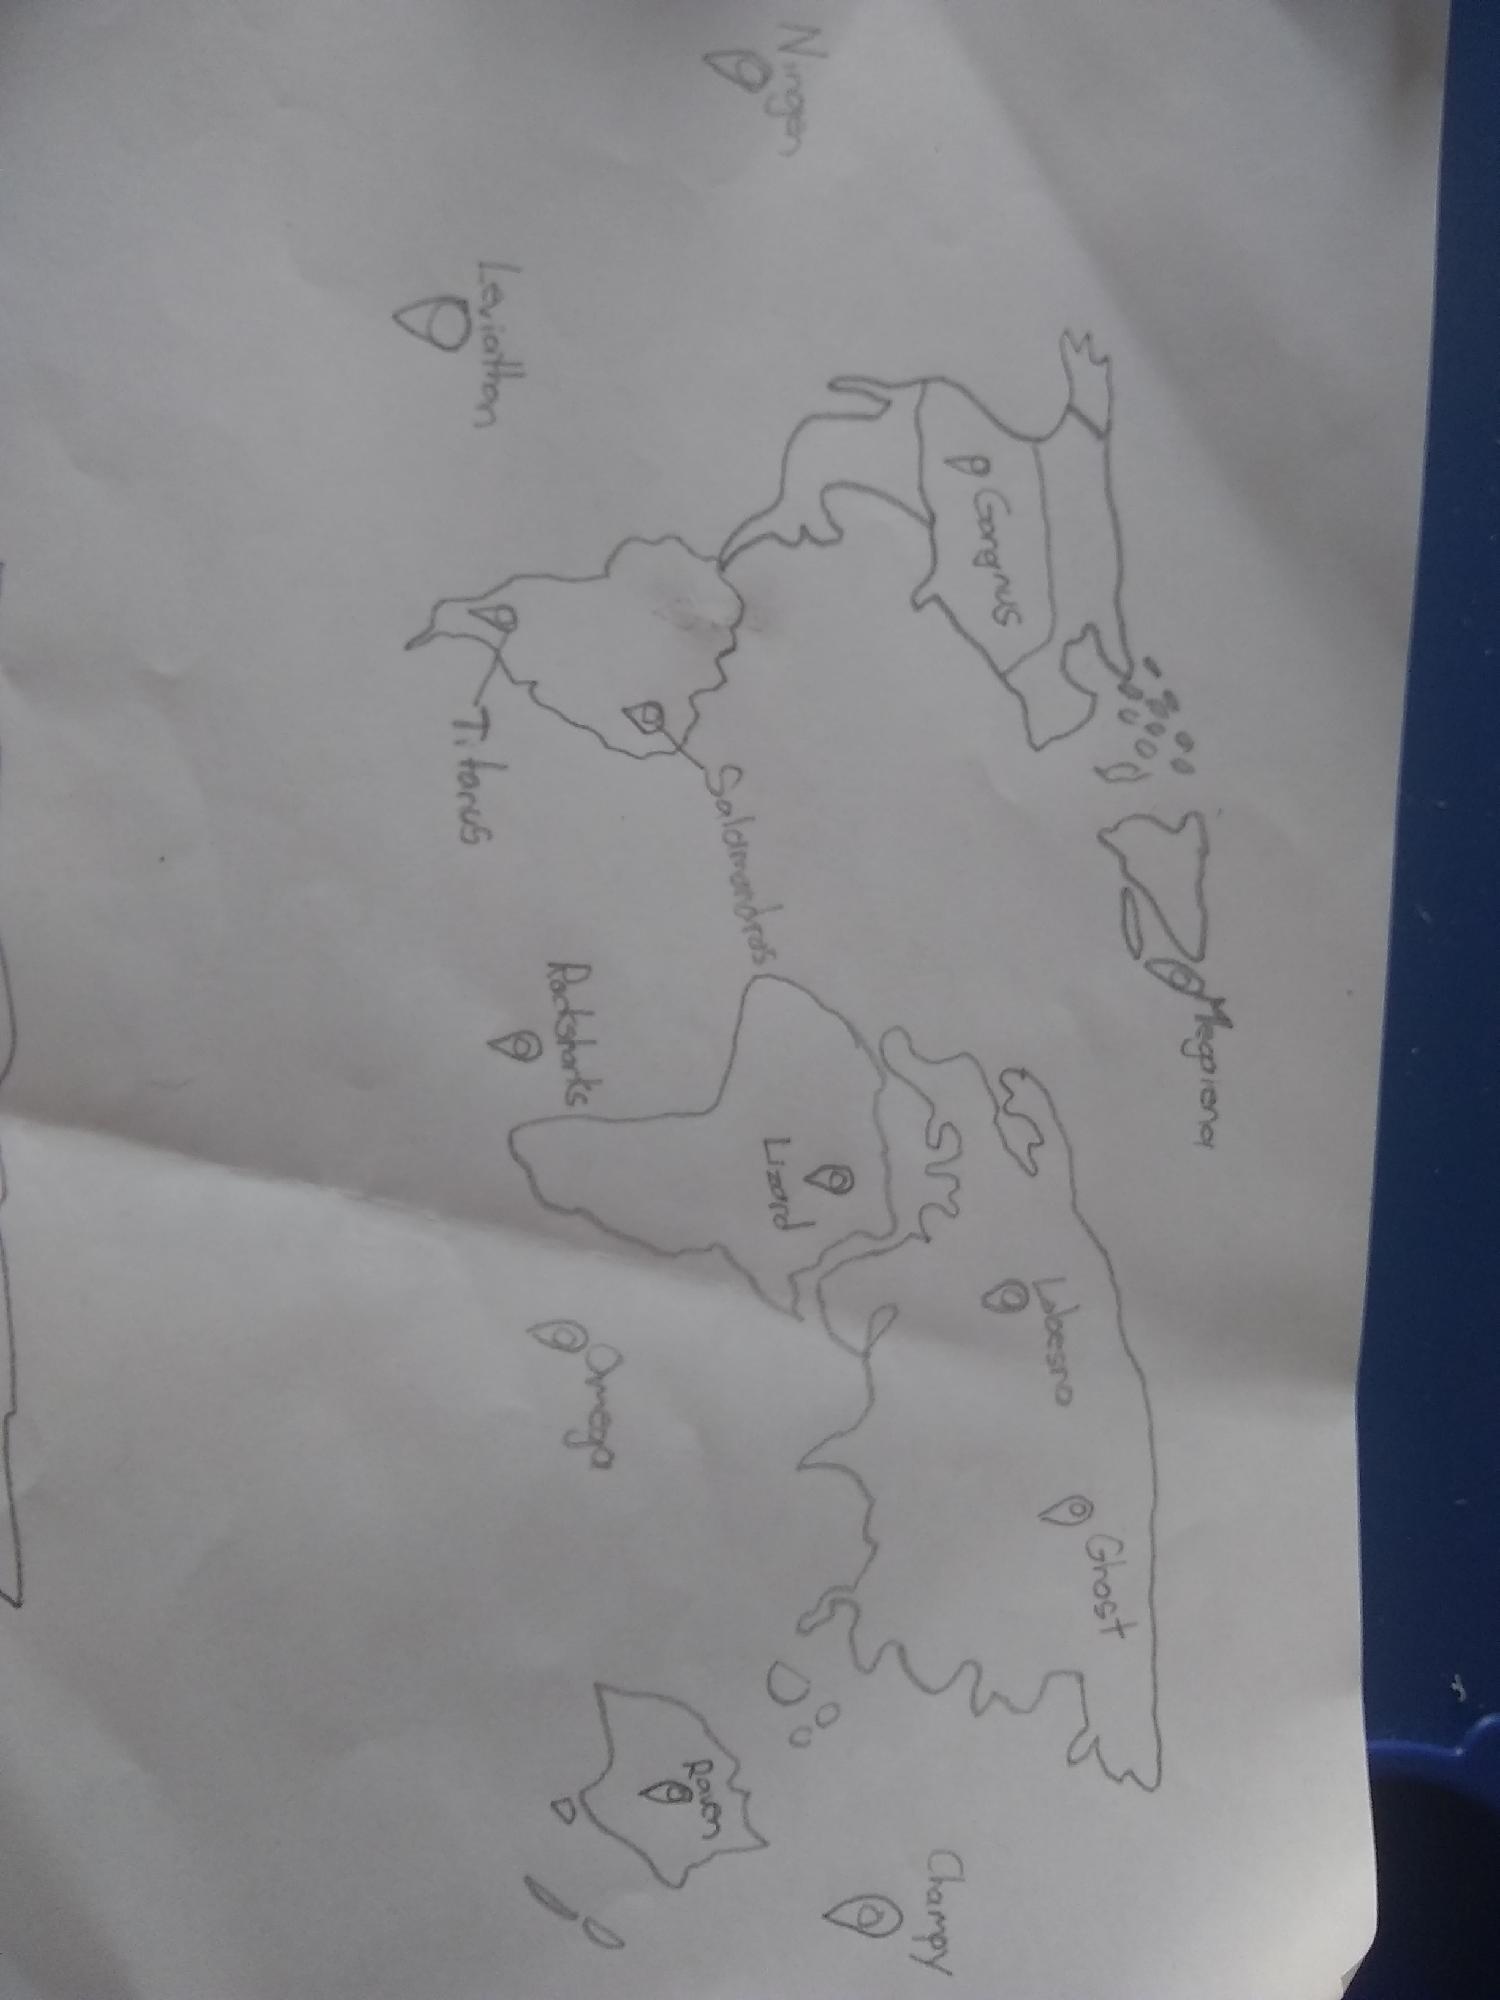 Aquí está el mapa oficial de todos los MGNI